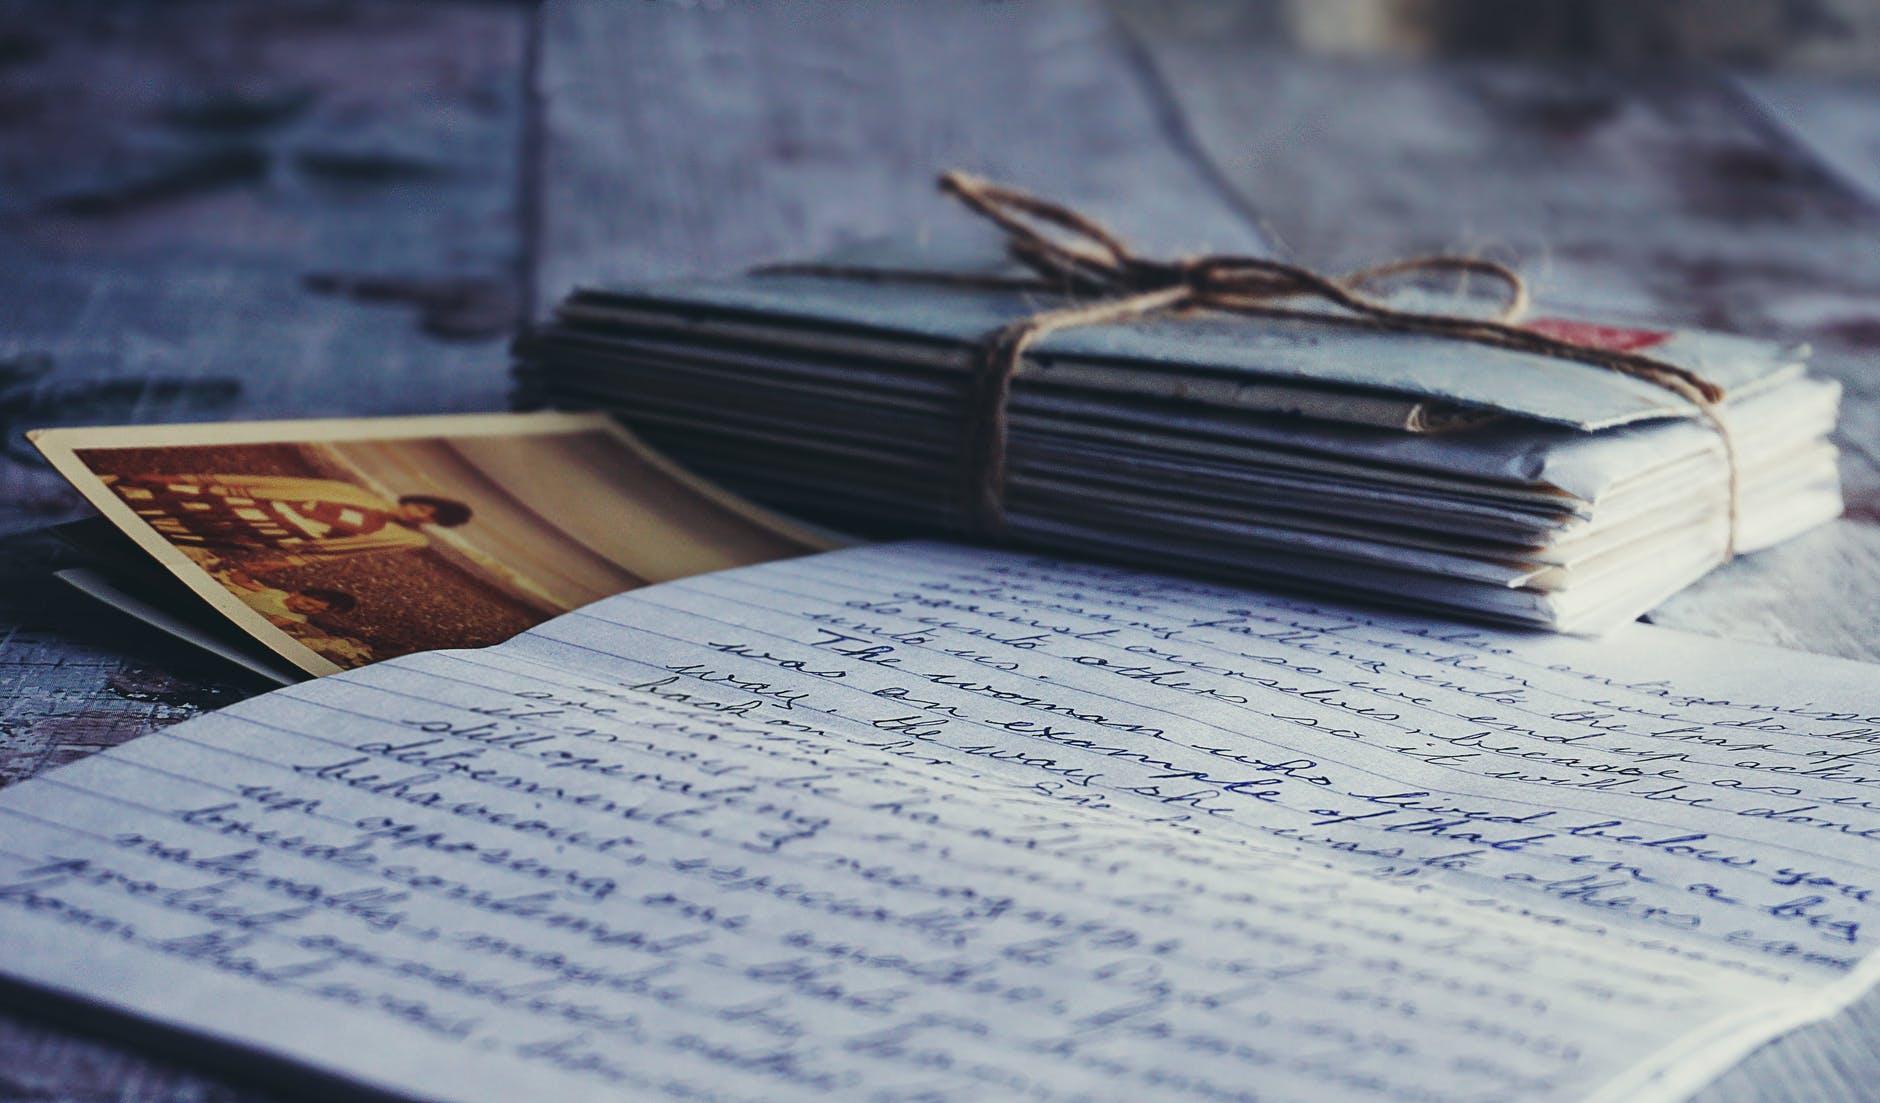 memoir materials